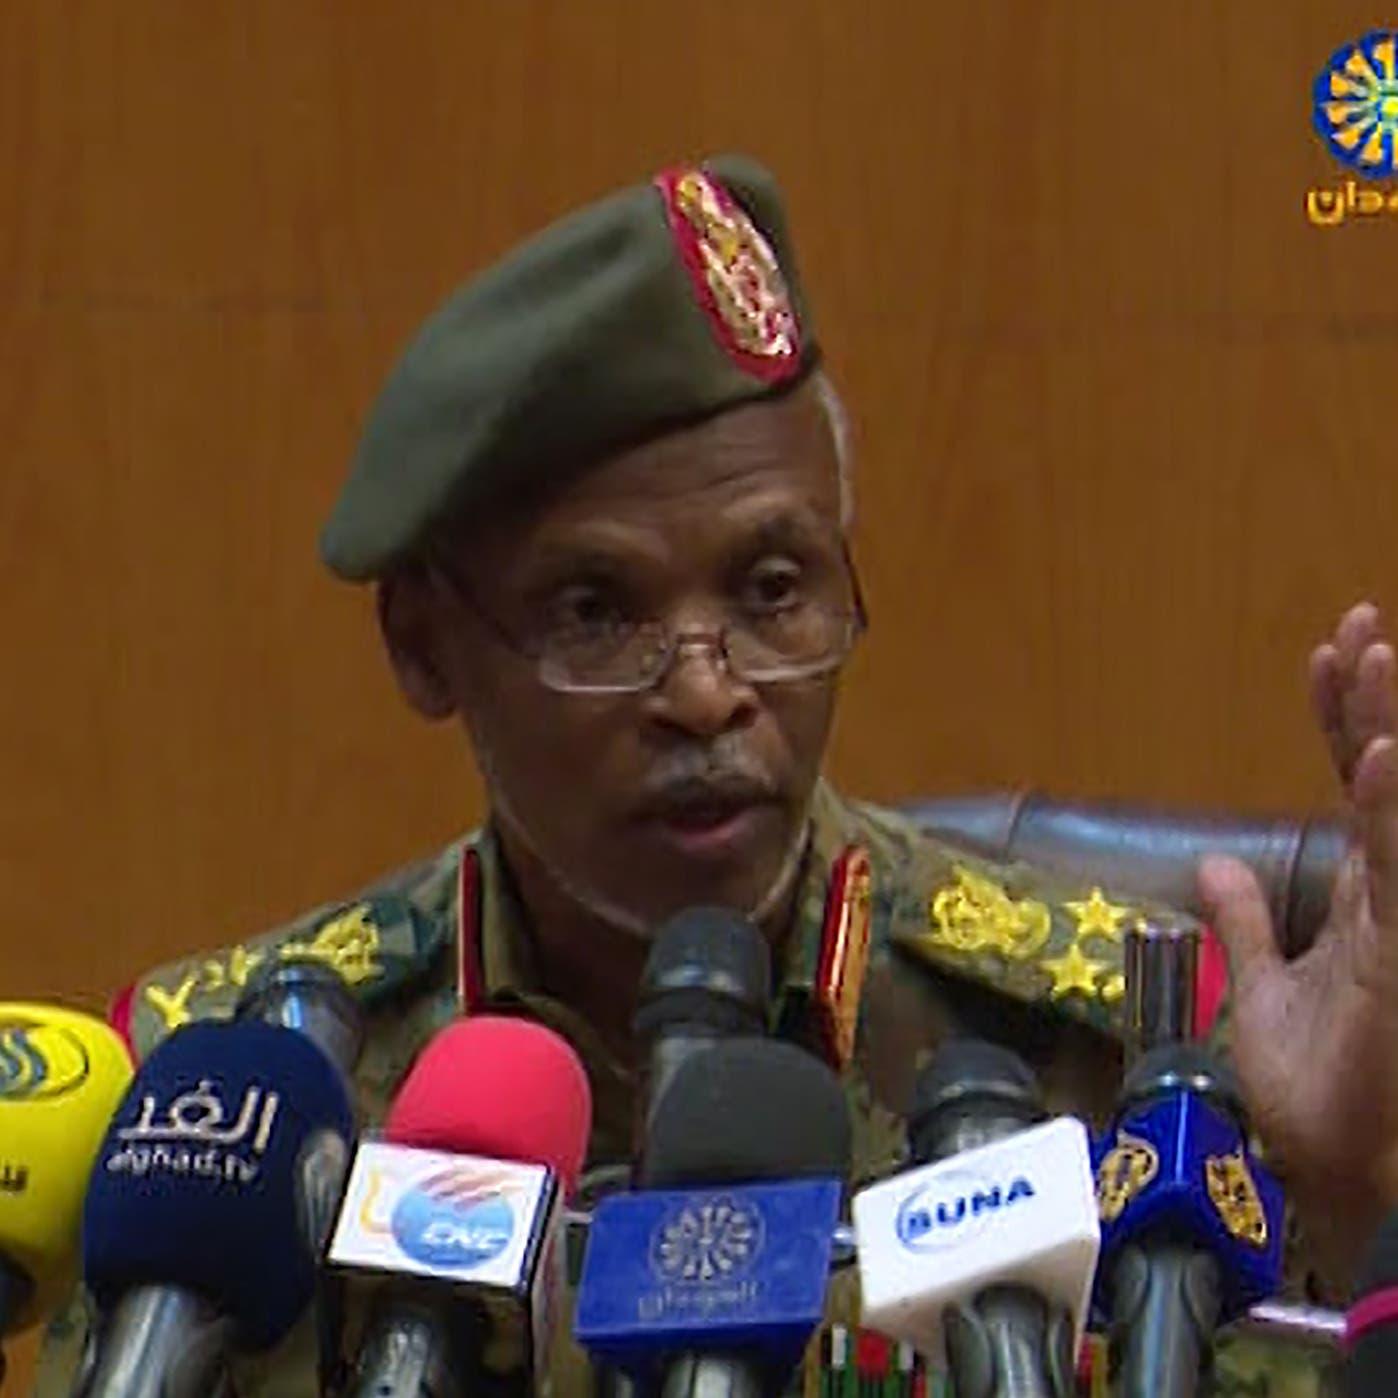 المجلس العسكري السوداني: لا نمثل انقلاباً ولسنا طامعين بالسلطة